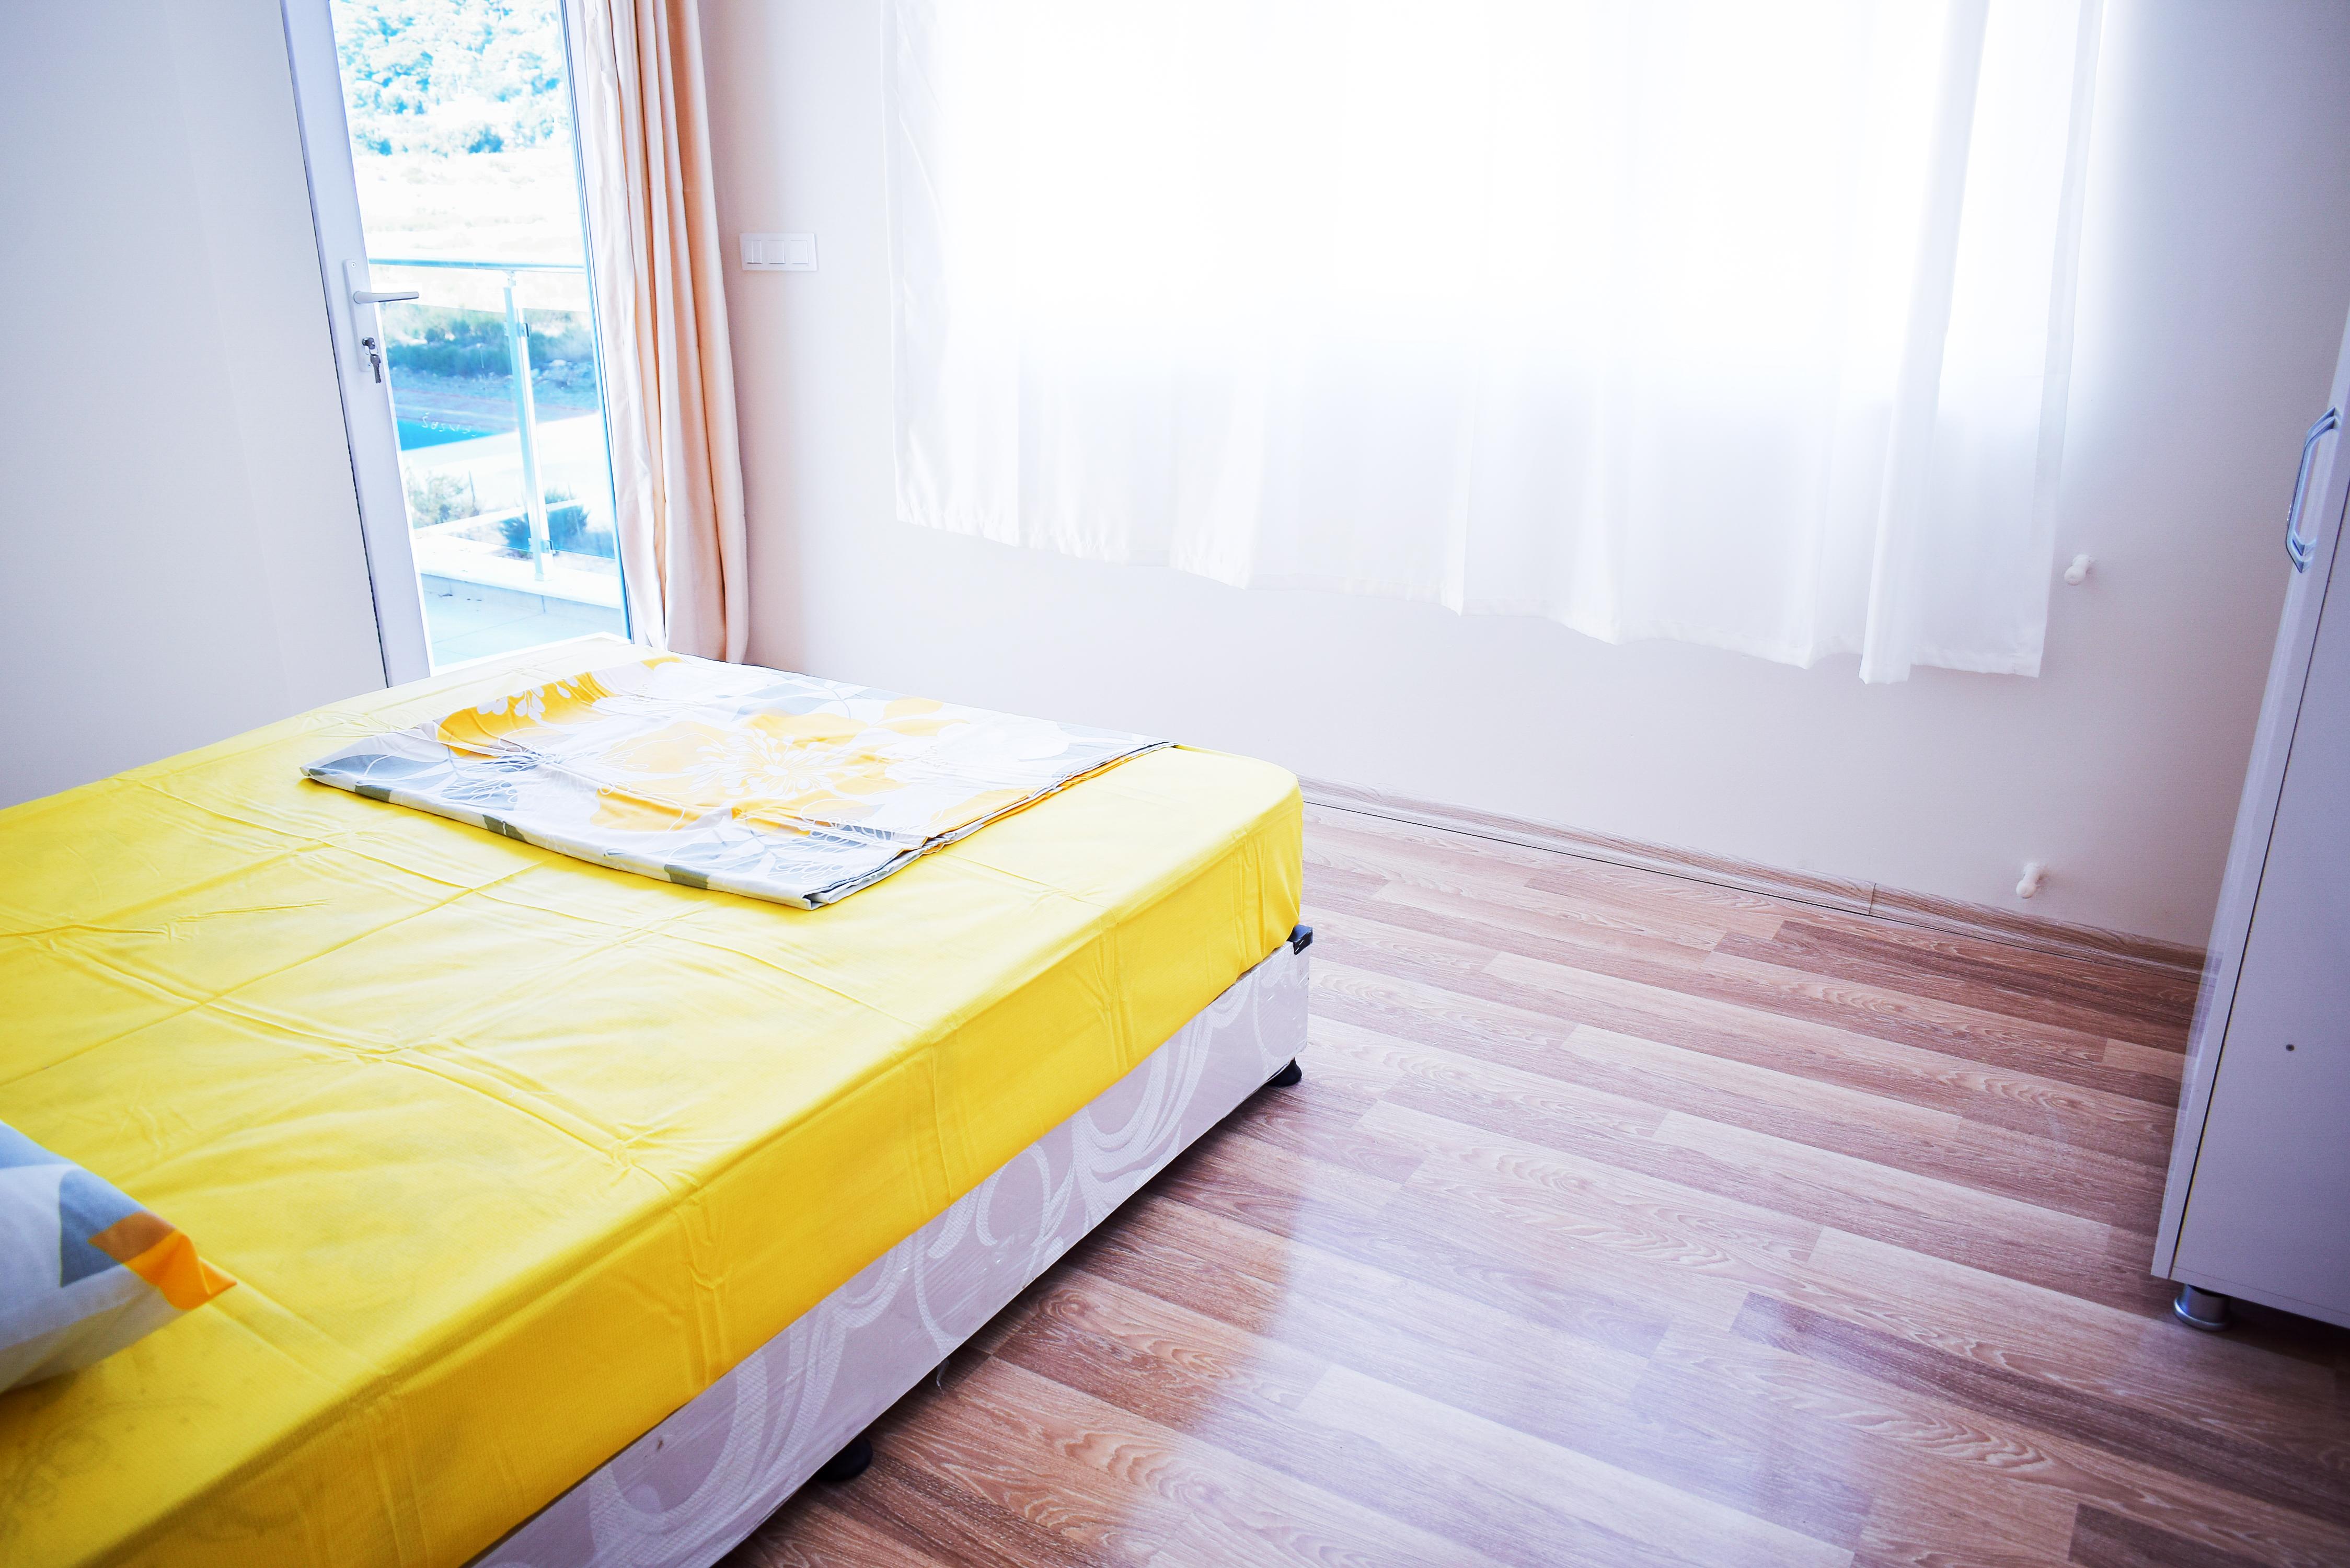 Ferienwohnung Gerumige 2 Schlafzimmer fr 5 mit Blick auf die Berge Gratis Wifi (2782161), Çakirlar, , Mittelmeerregion, Türkei, Bild 5